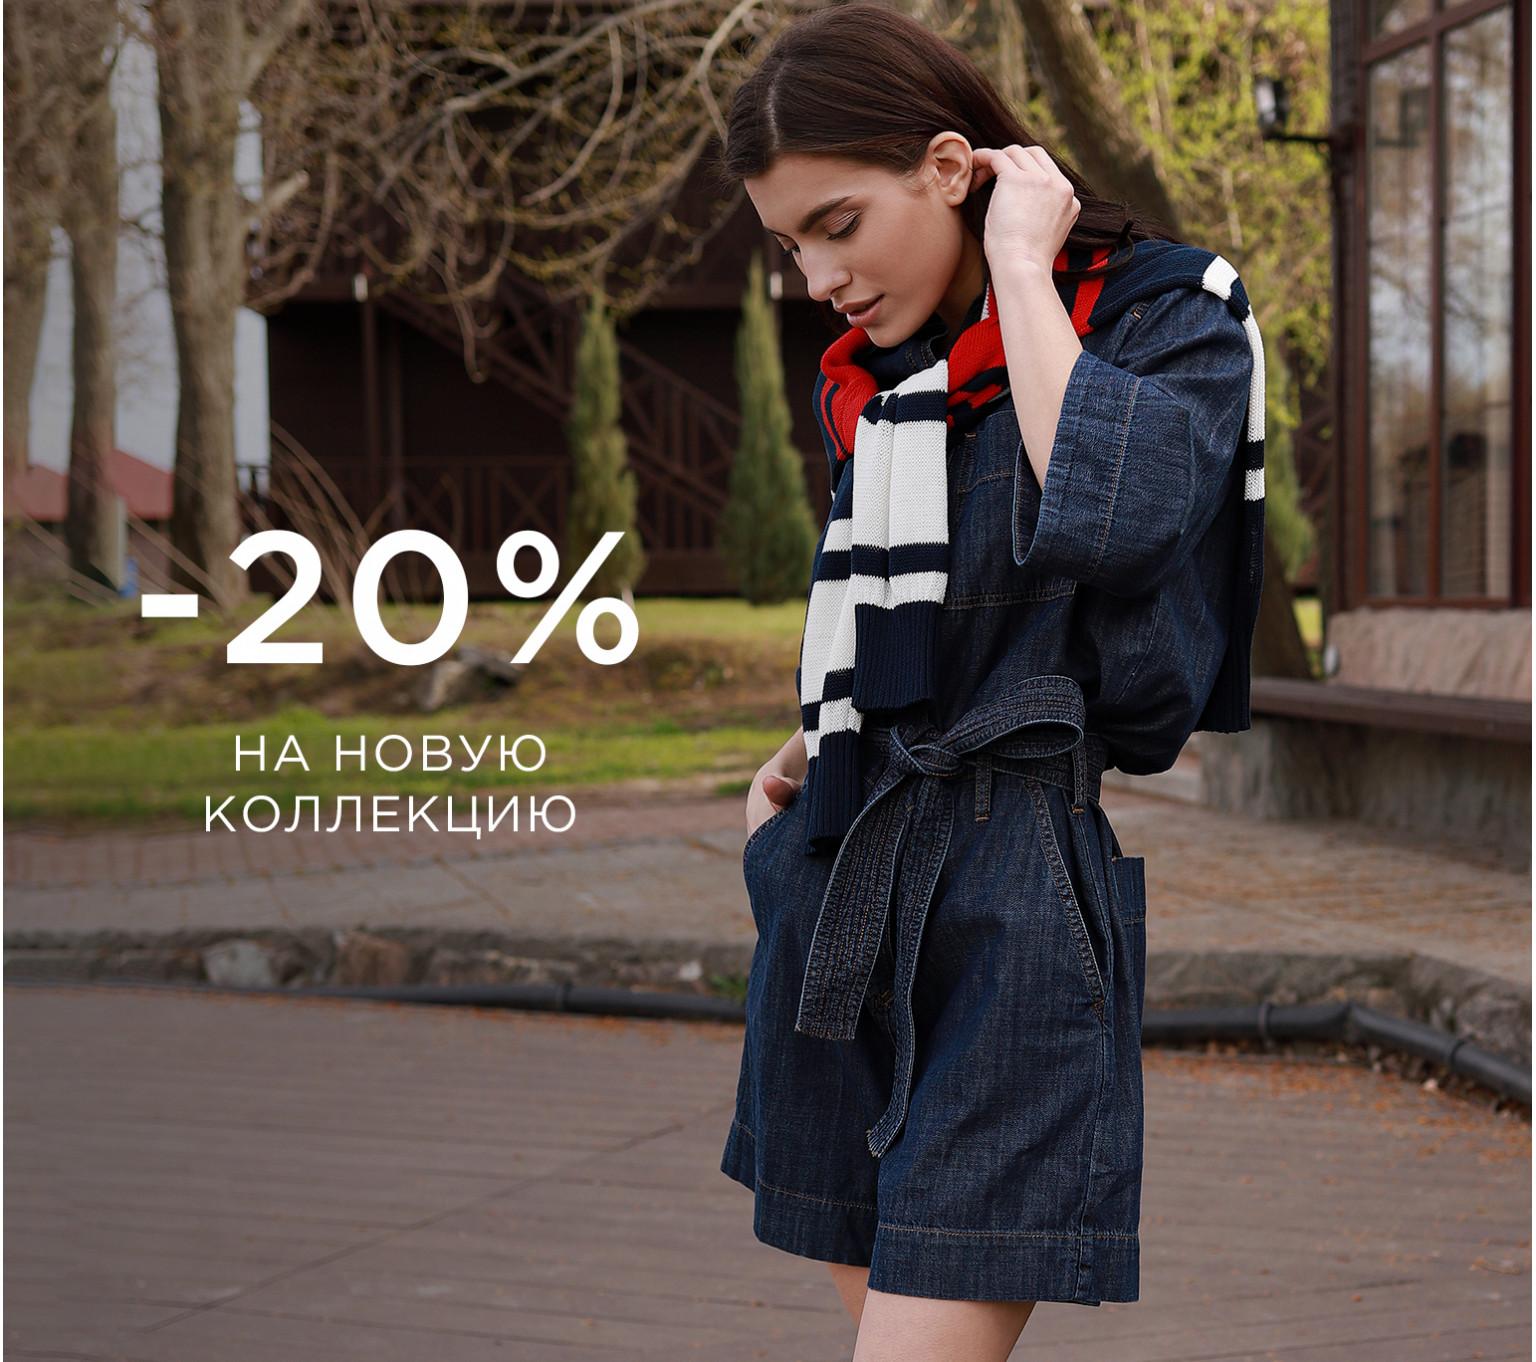 -20% на новую коллекцию